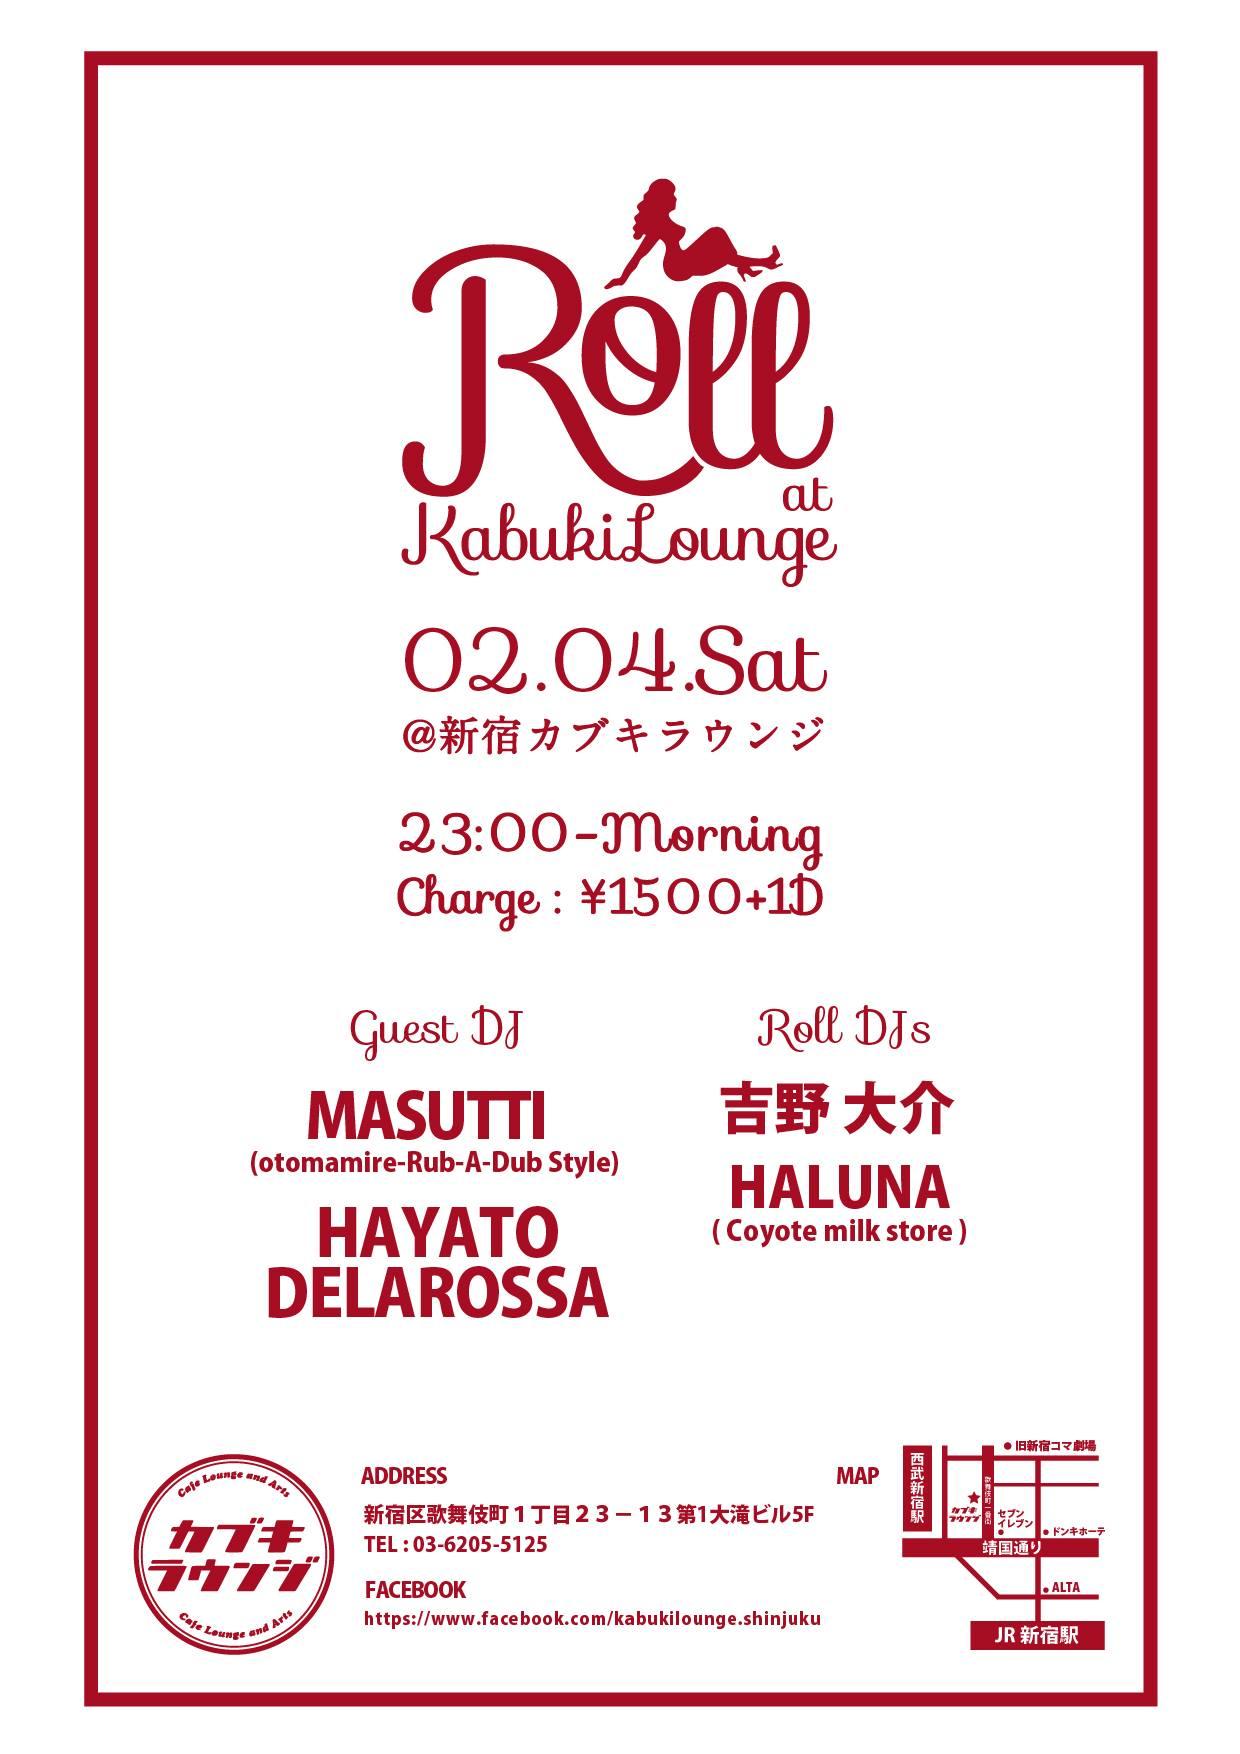 2/4(土) Roll @ 新宿カブキラウンジ